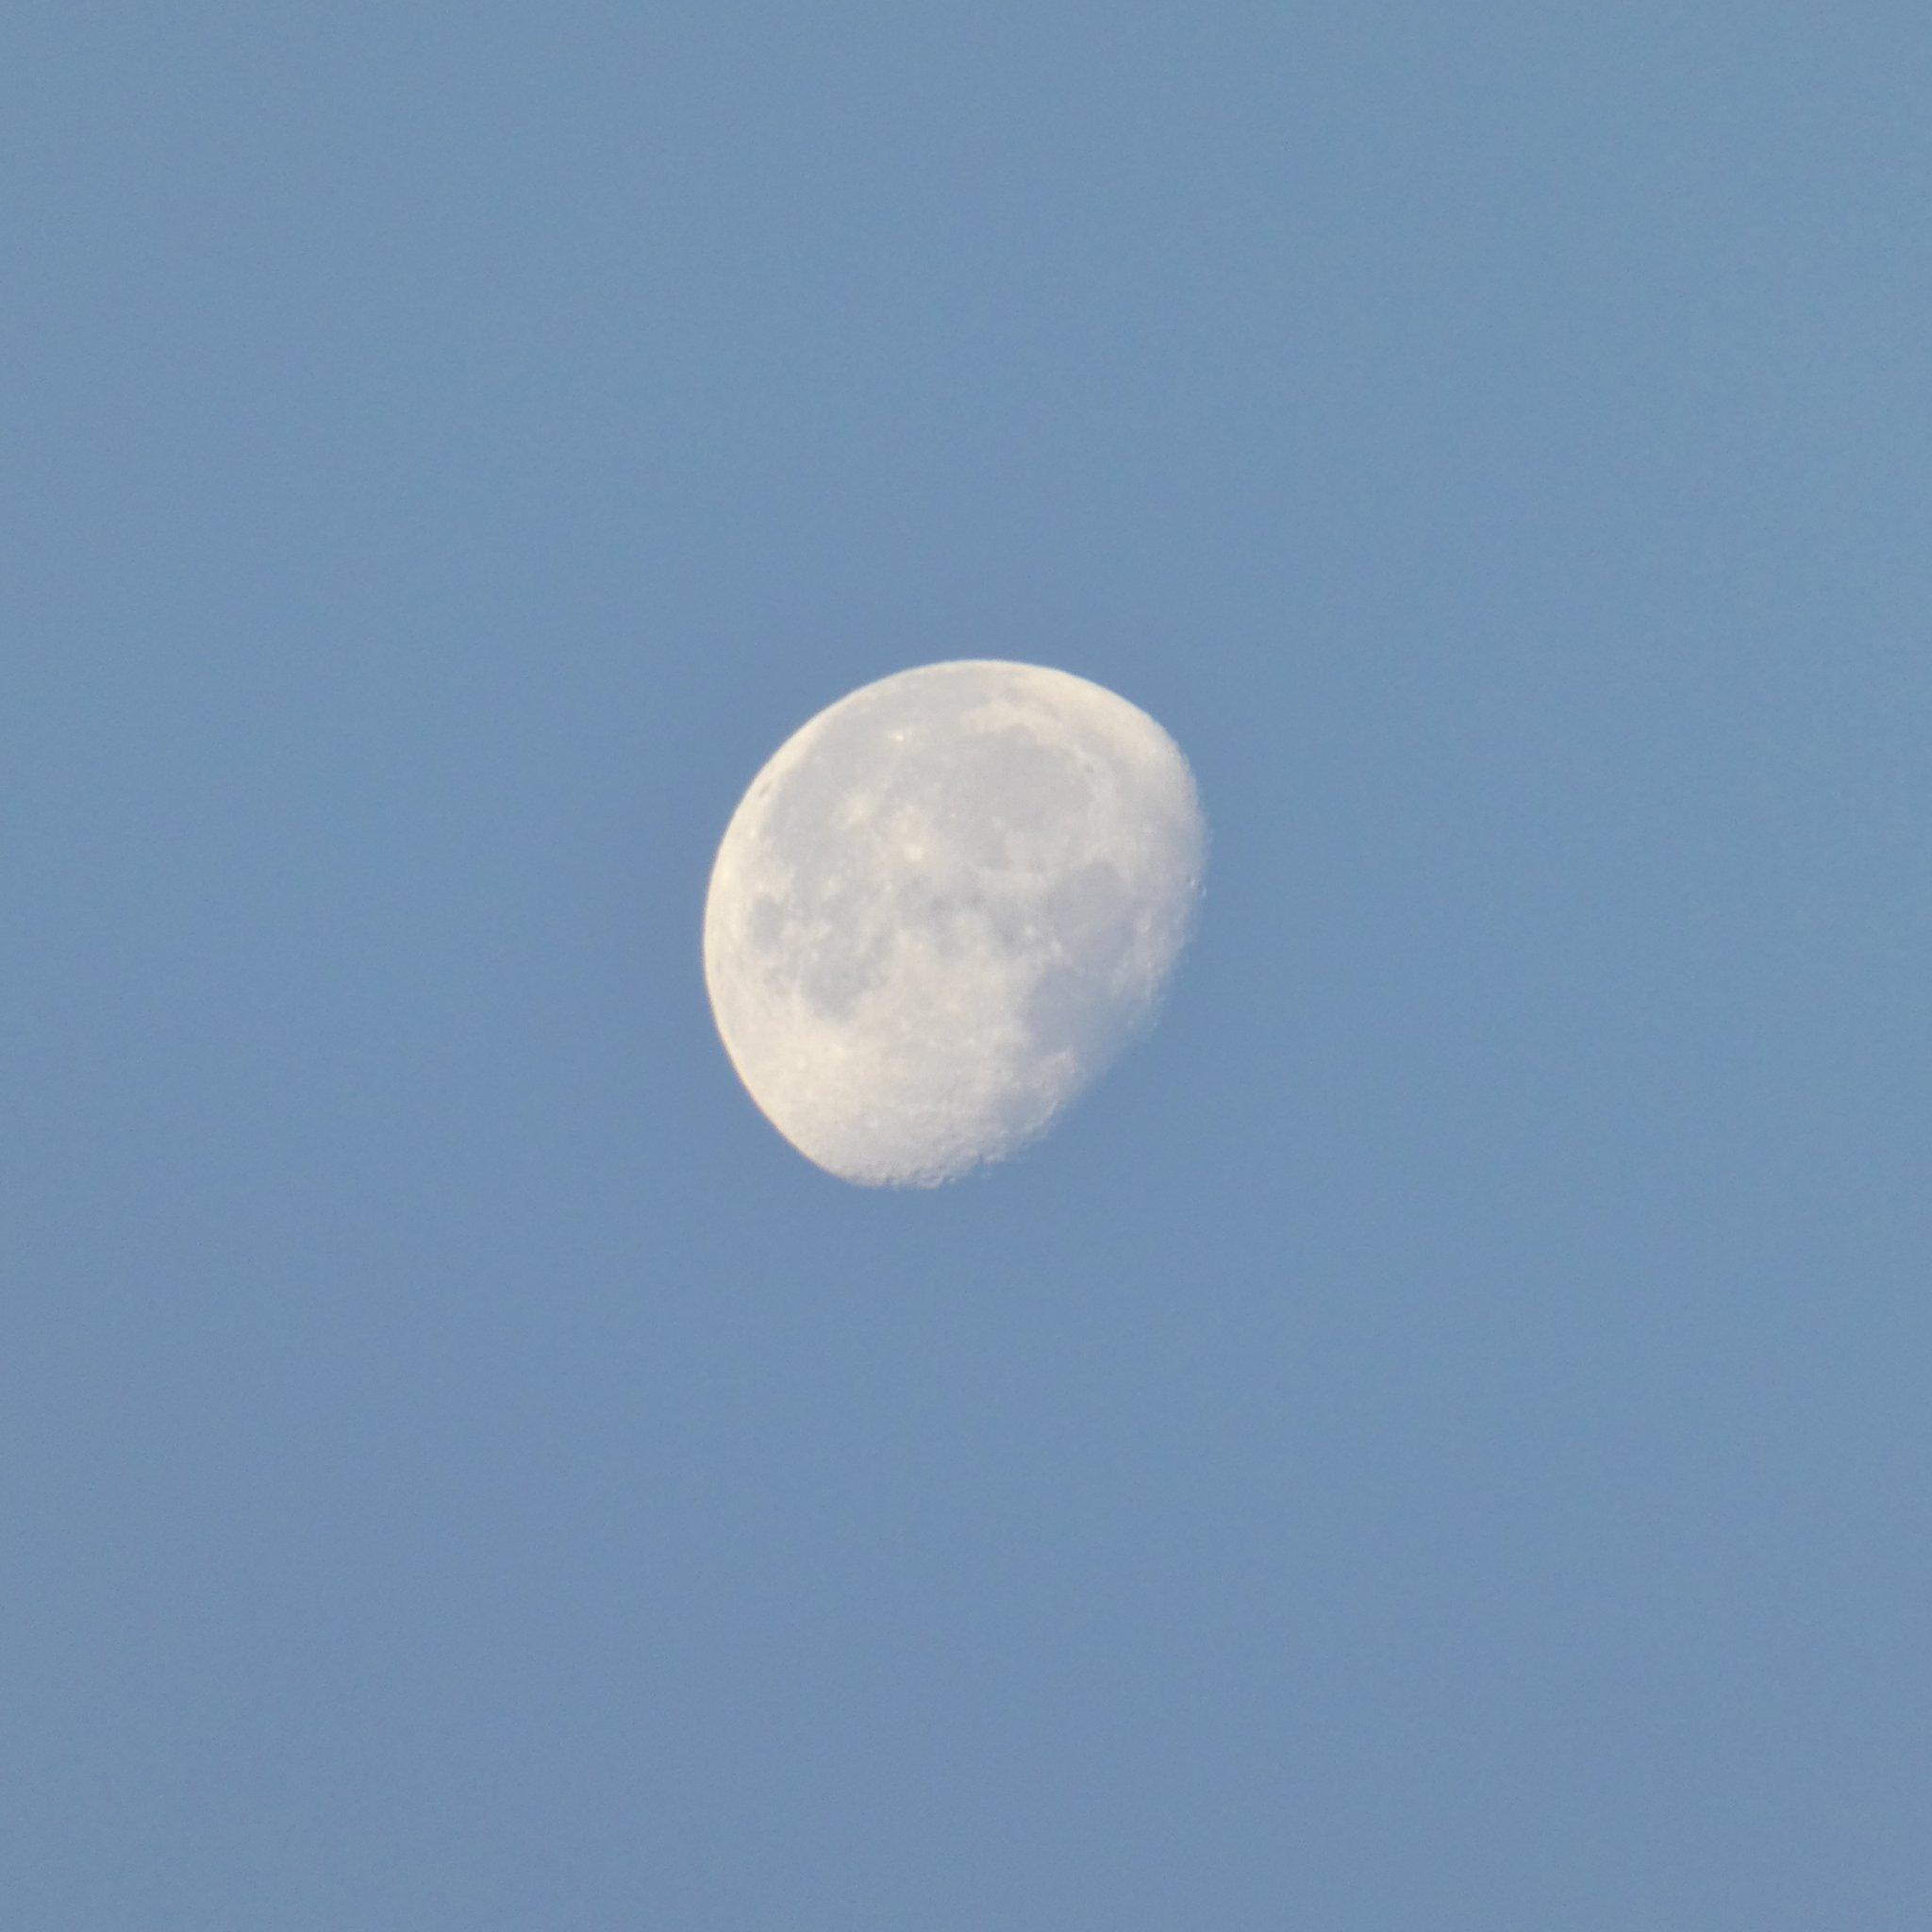 #FelizJueves Amanece en #Portsaplaya Alboraya (Valencia) #9Jul #Sol #Luna #moonsun #StormHour #ThePhotoHour @El_Universo_Hoy @AstroAventura https://t.co/CwcXFdyIVV